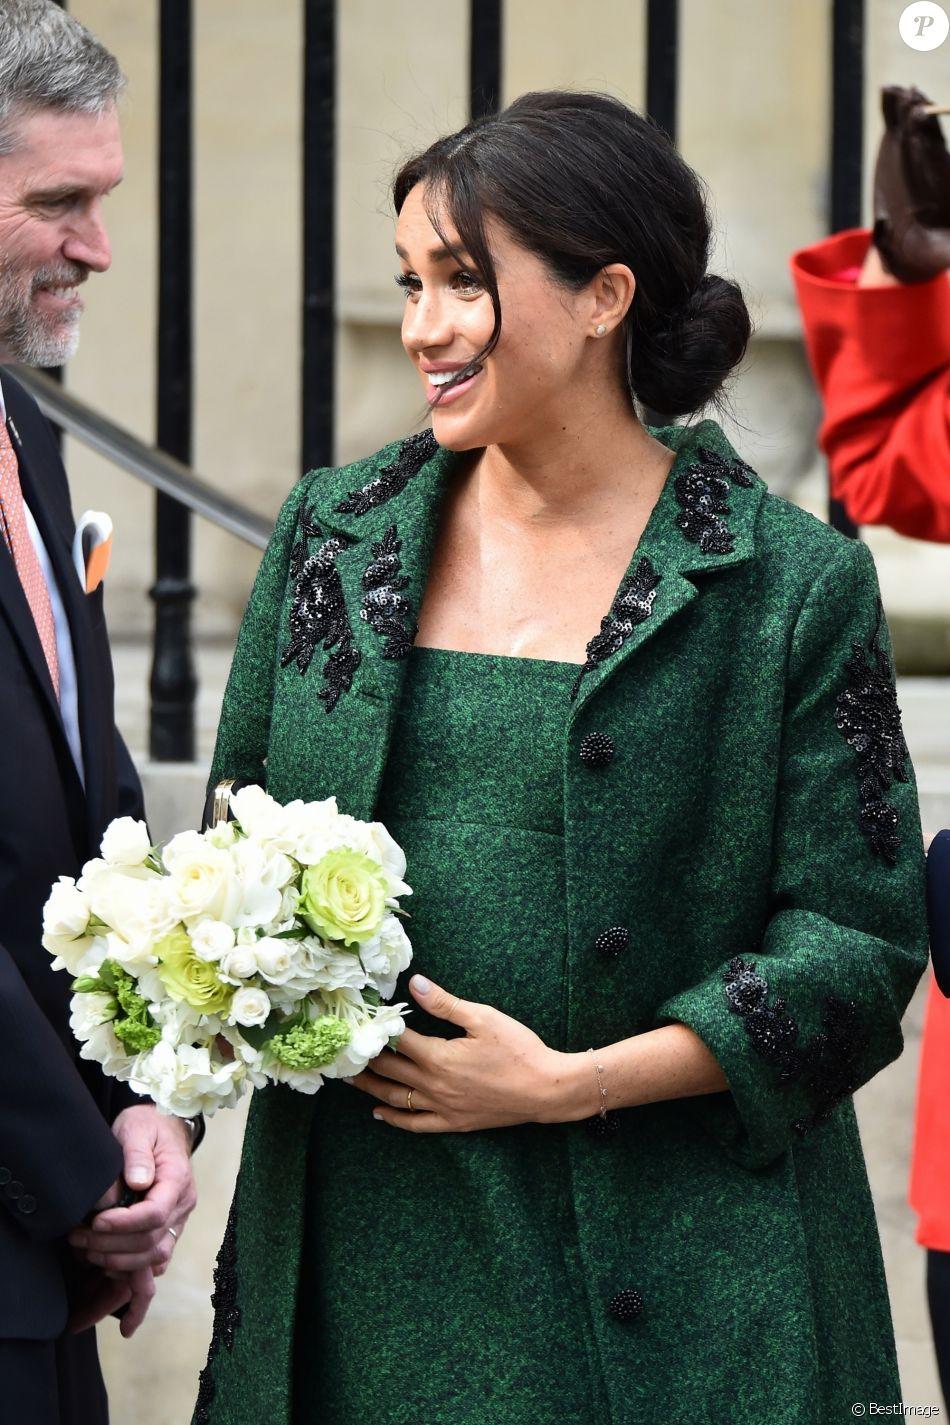 Meghan Markle, duchesse de Sussex, enceinte, à la sortie de Canada House après une cérémonie pour la Journée du Commonwealth à Londres le 11 mars 2019.